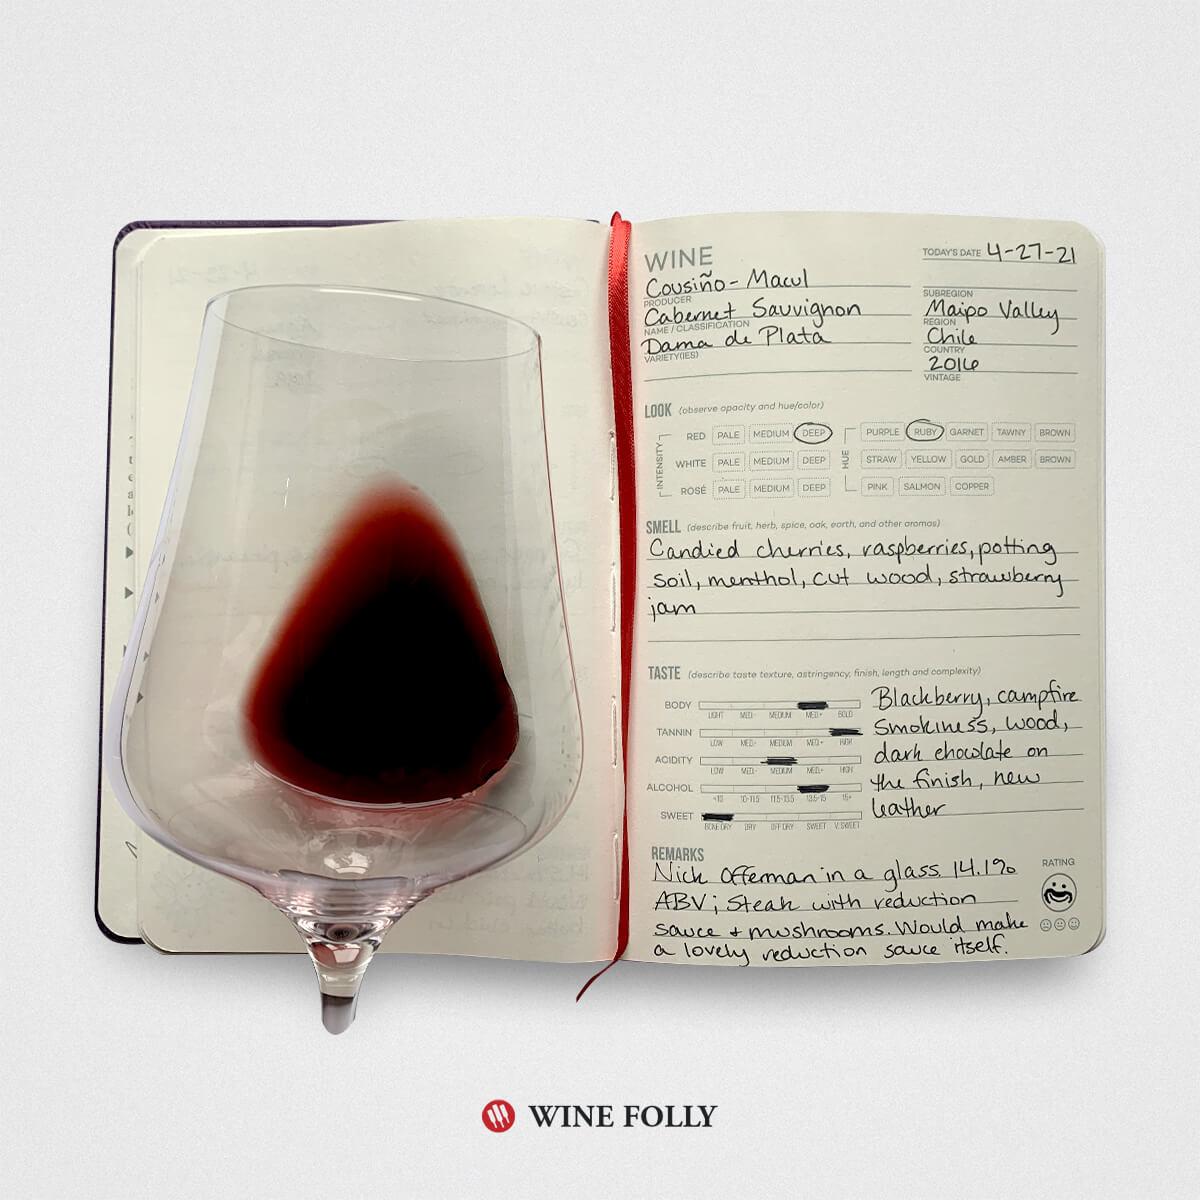 Wine Journal image for Chilean Cabernet Sauvignon